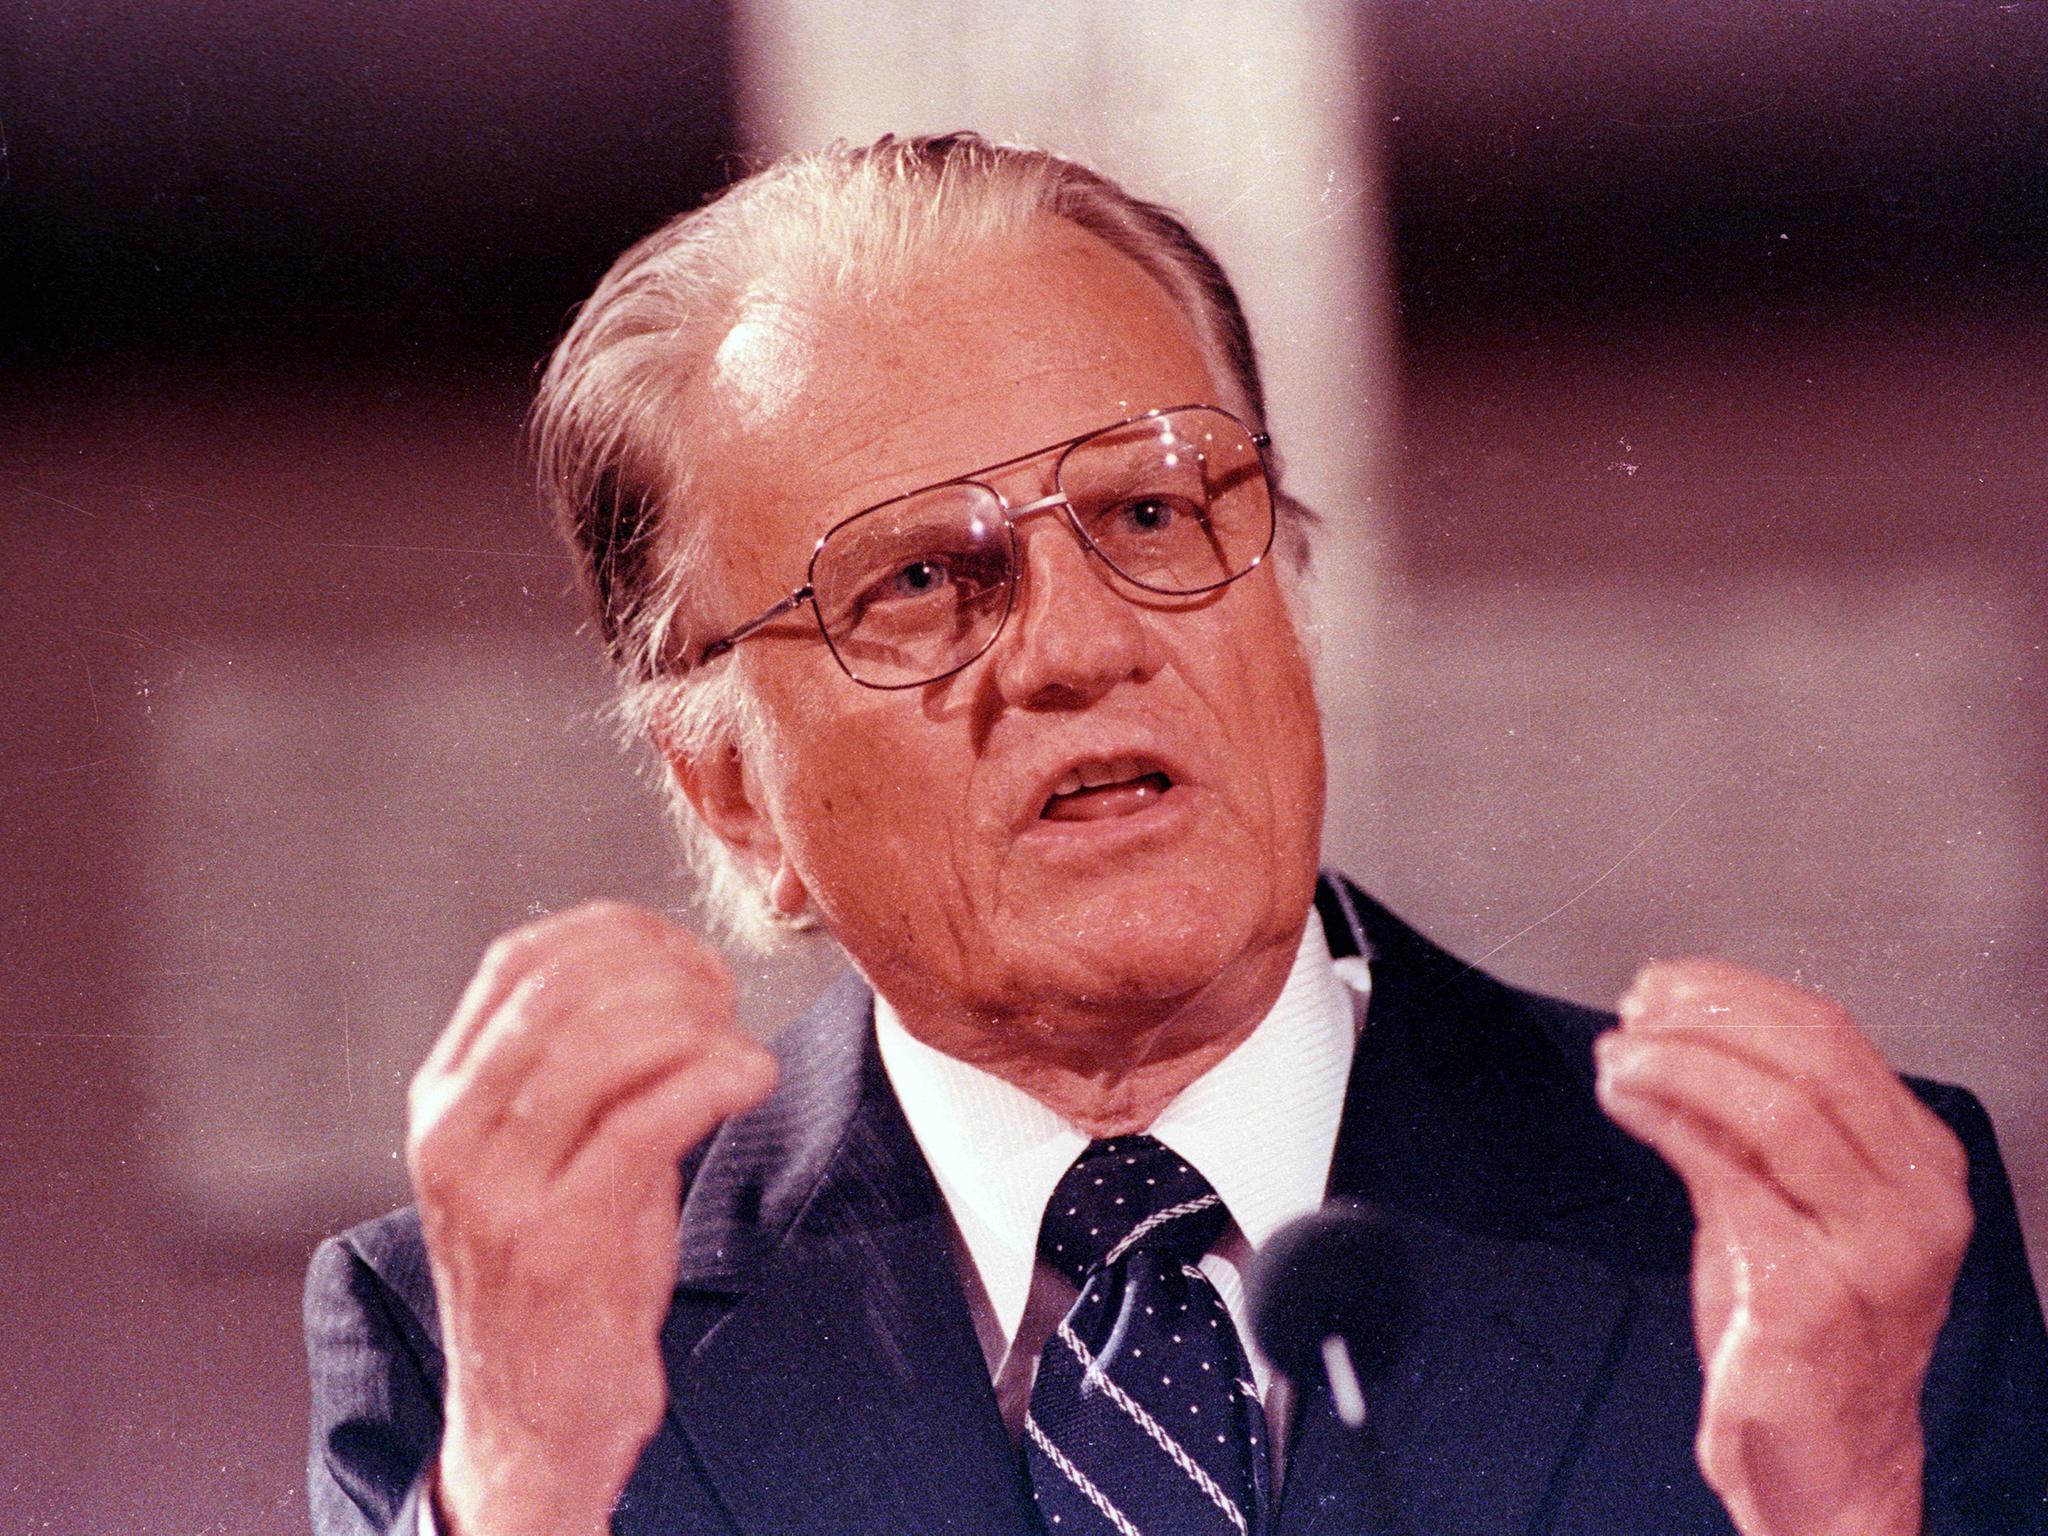 Billy Graham: American evangelist preacher who was a friend to ...